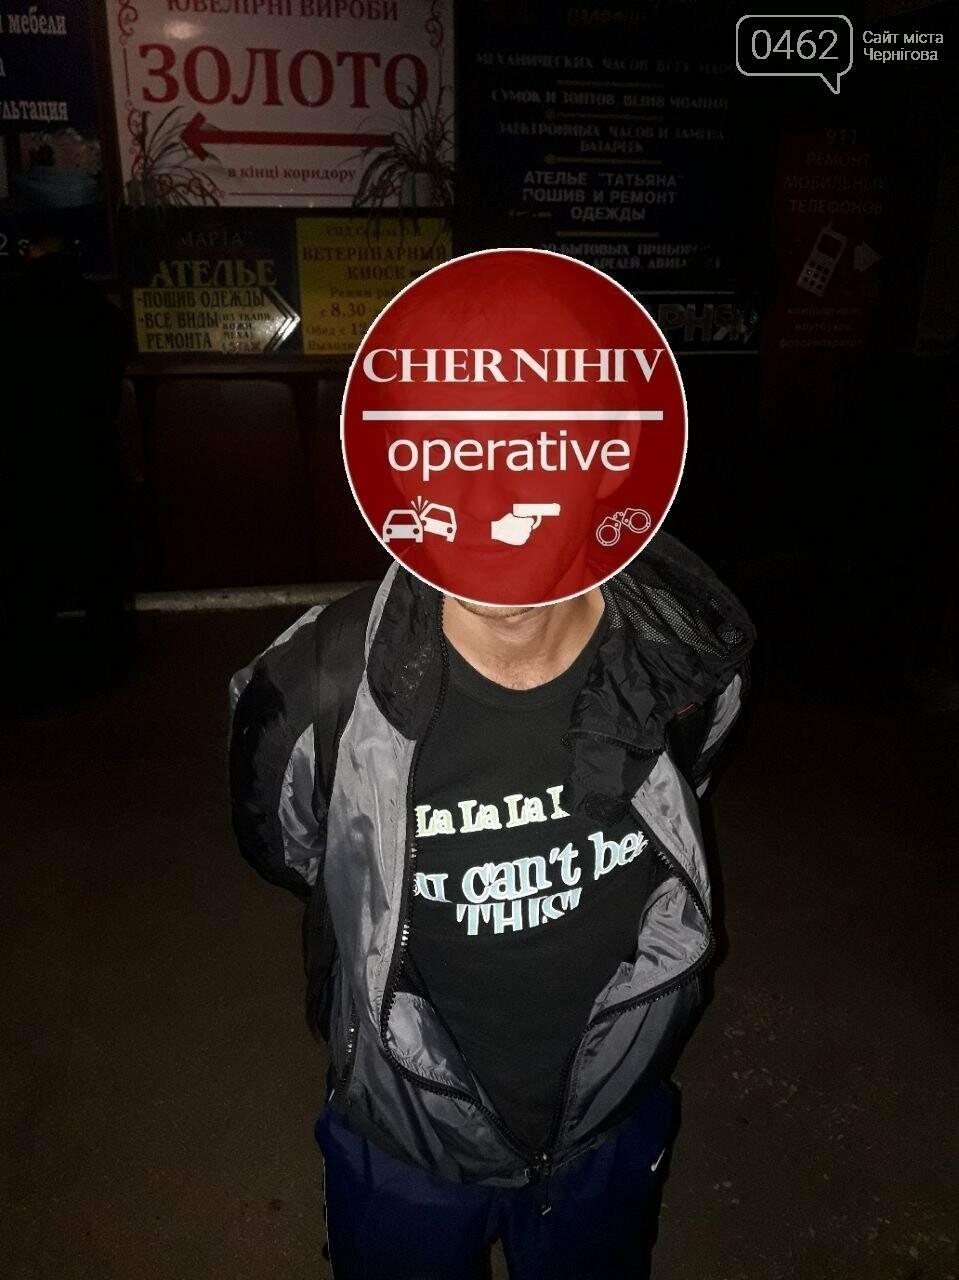 Чернігівські поліцейські затримали злодія з повним рюкзаком краденого, фото-3